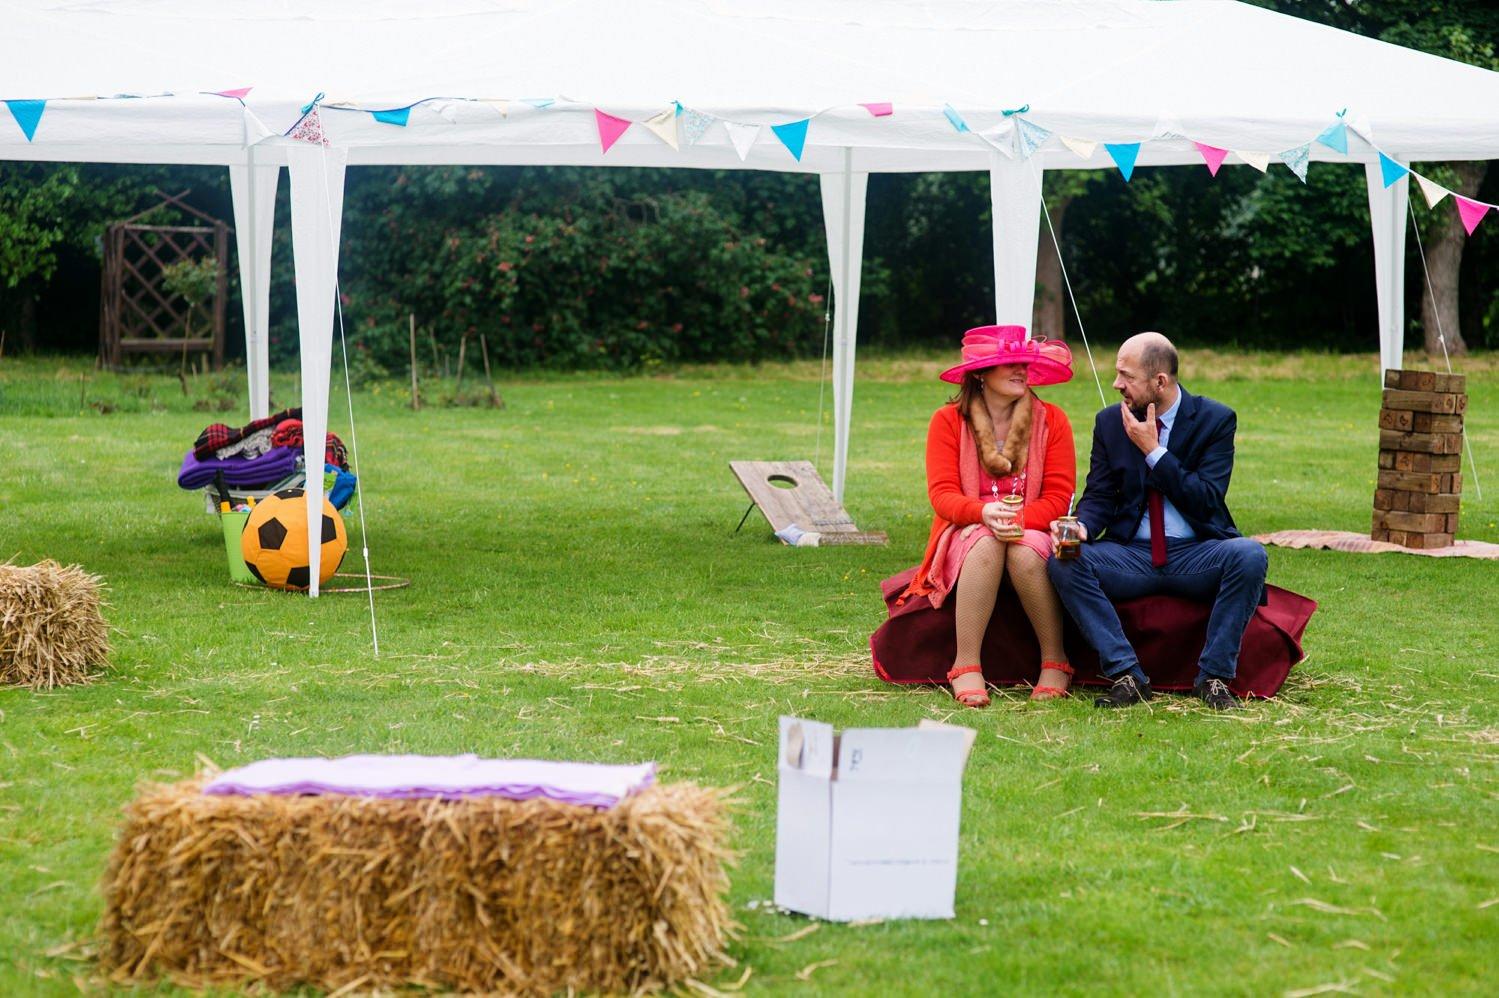 letchtworth festival wedding